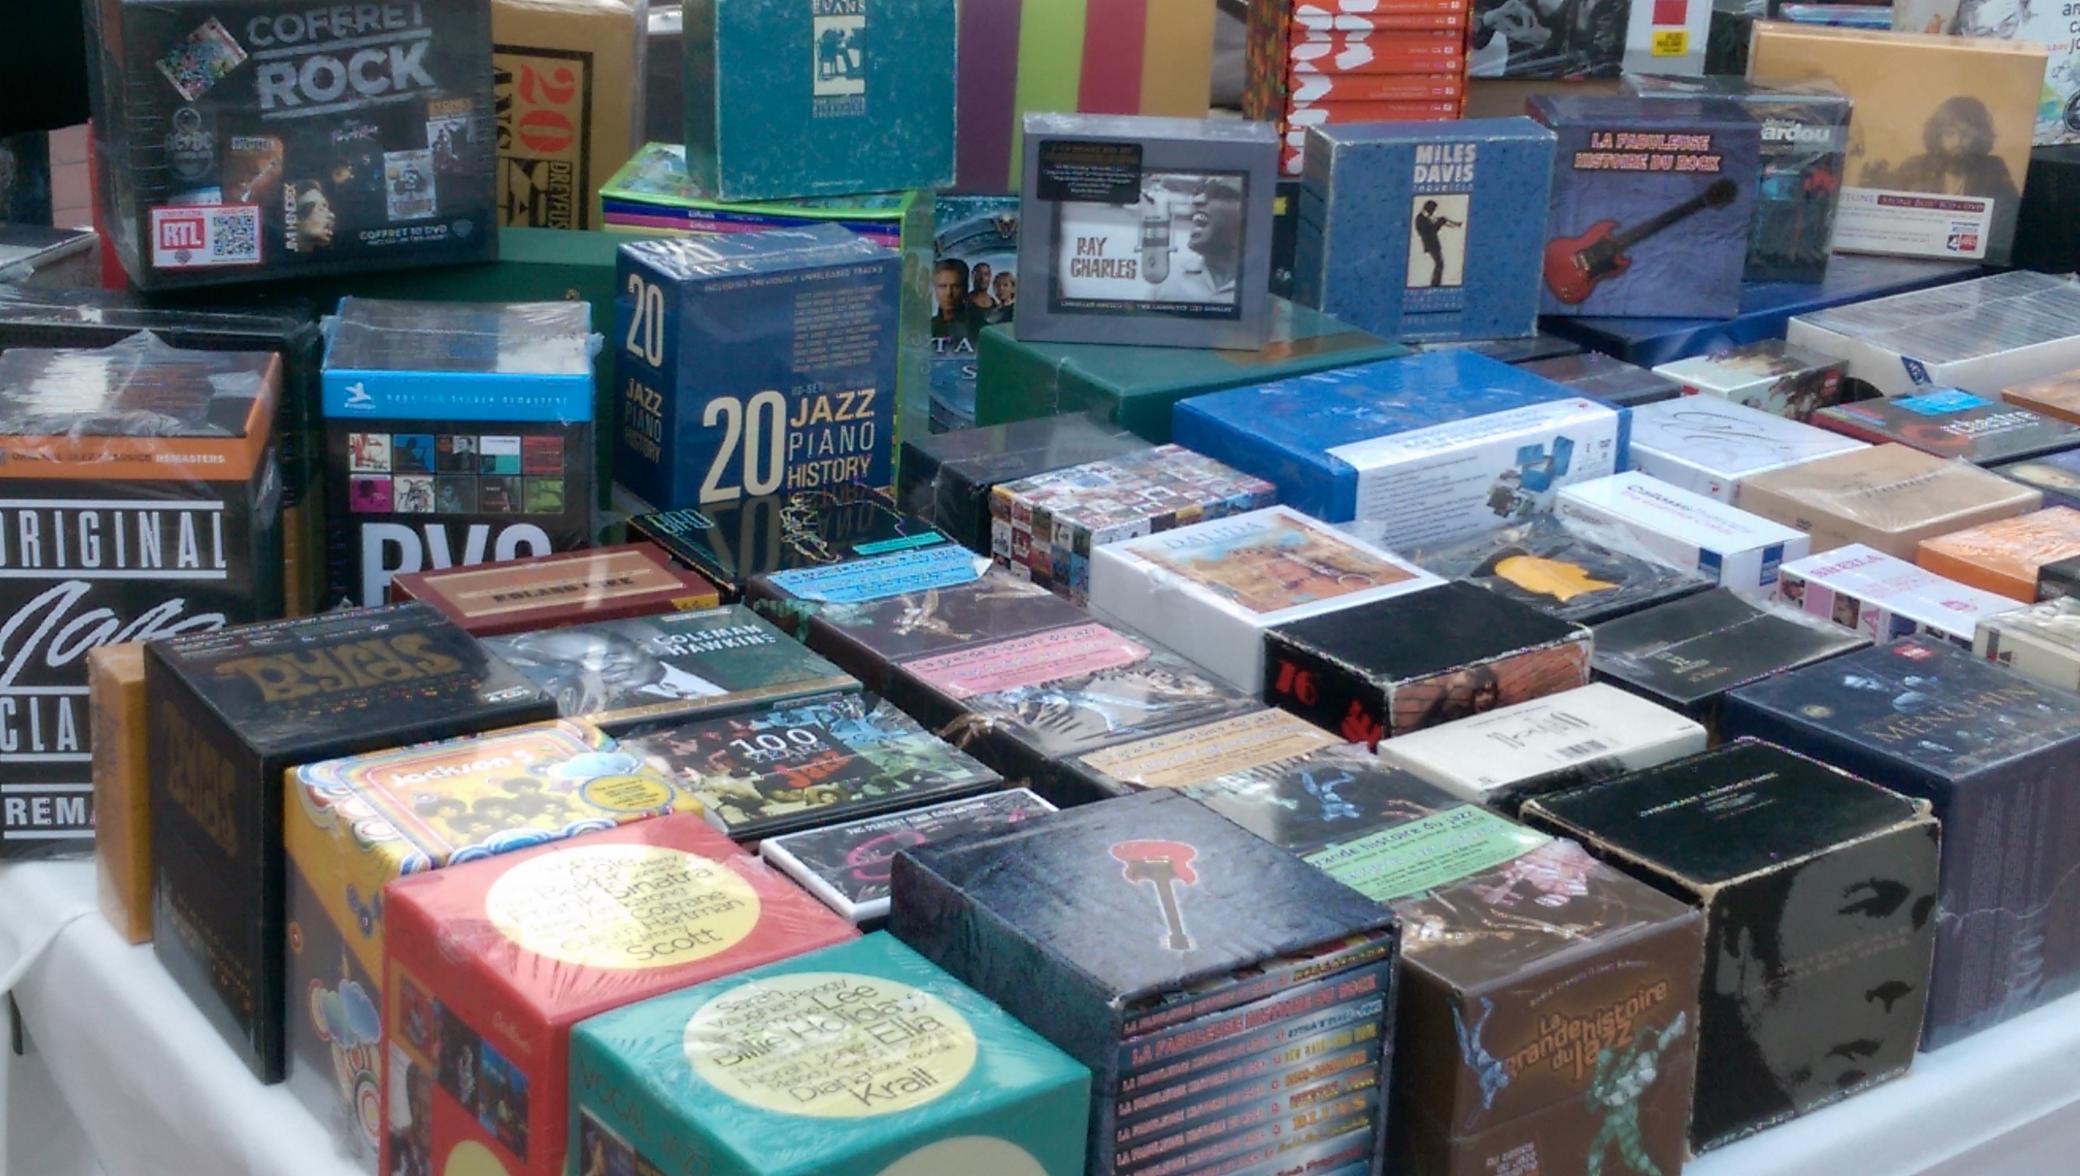 achat-vente CD/DVD/BD/Vinyles Marseille achat-vente CD/DVD/BD/Vinyles achat et vente de CD/DVD/VINYLES etc achat-vente CD/DVD/BD/Vinyles achat et vente de CD/DVD/VINYLES etc